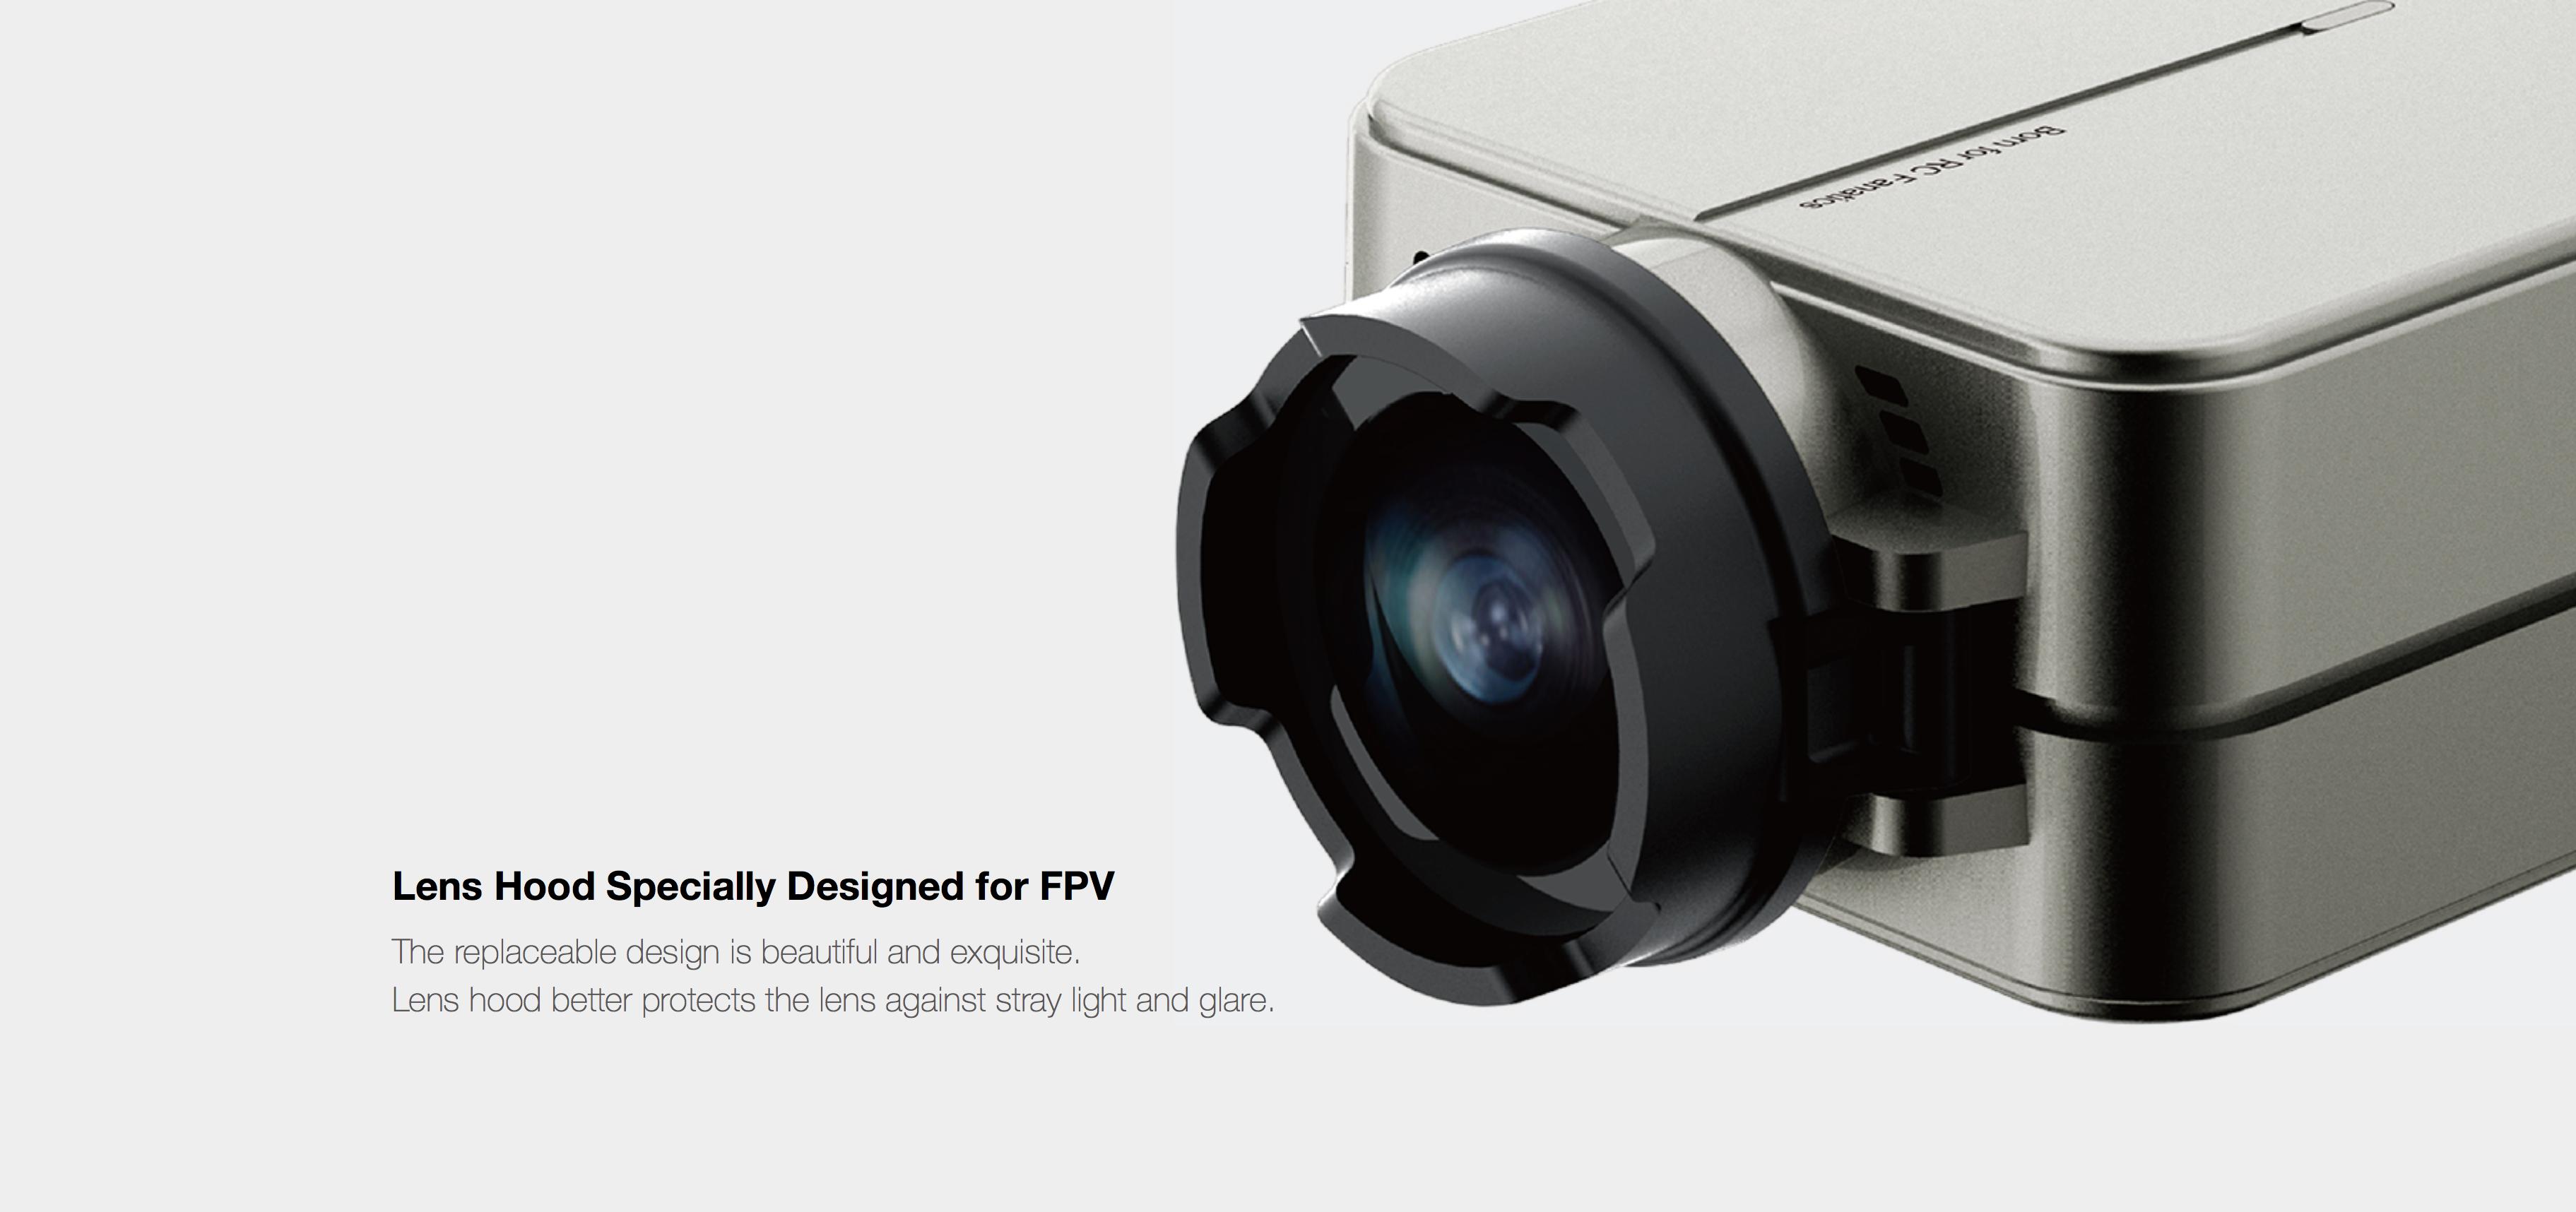 RunCam 2 Lens Hood Specially Designed for FPV